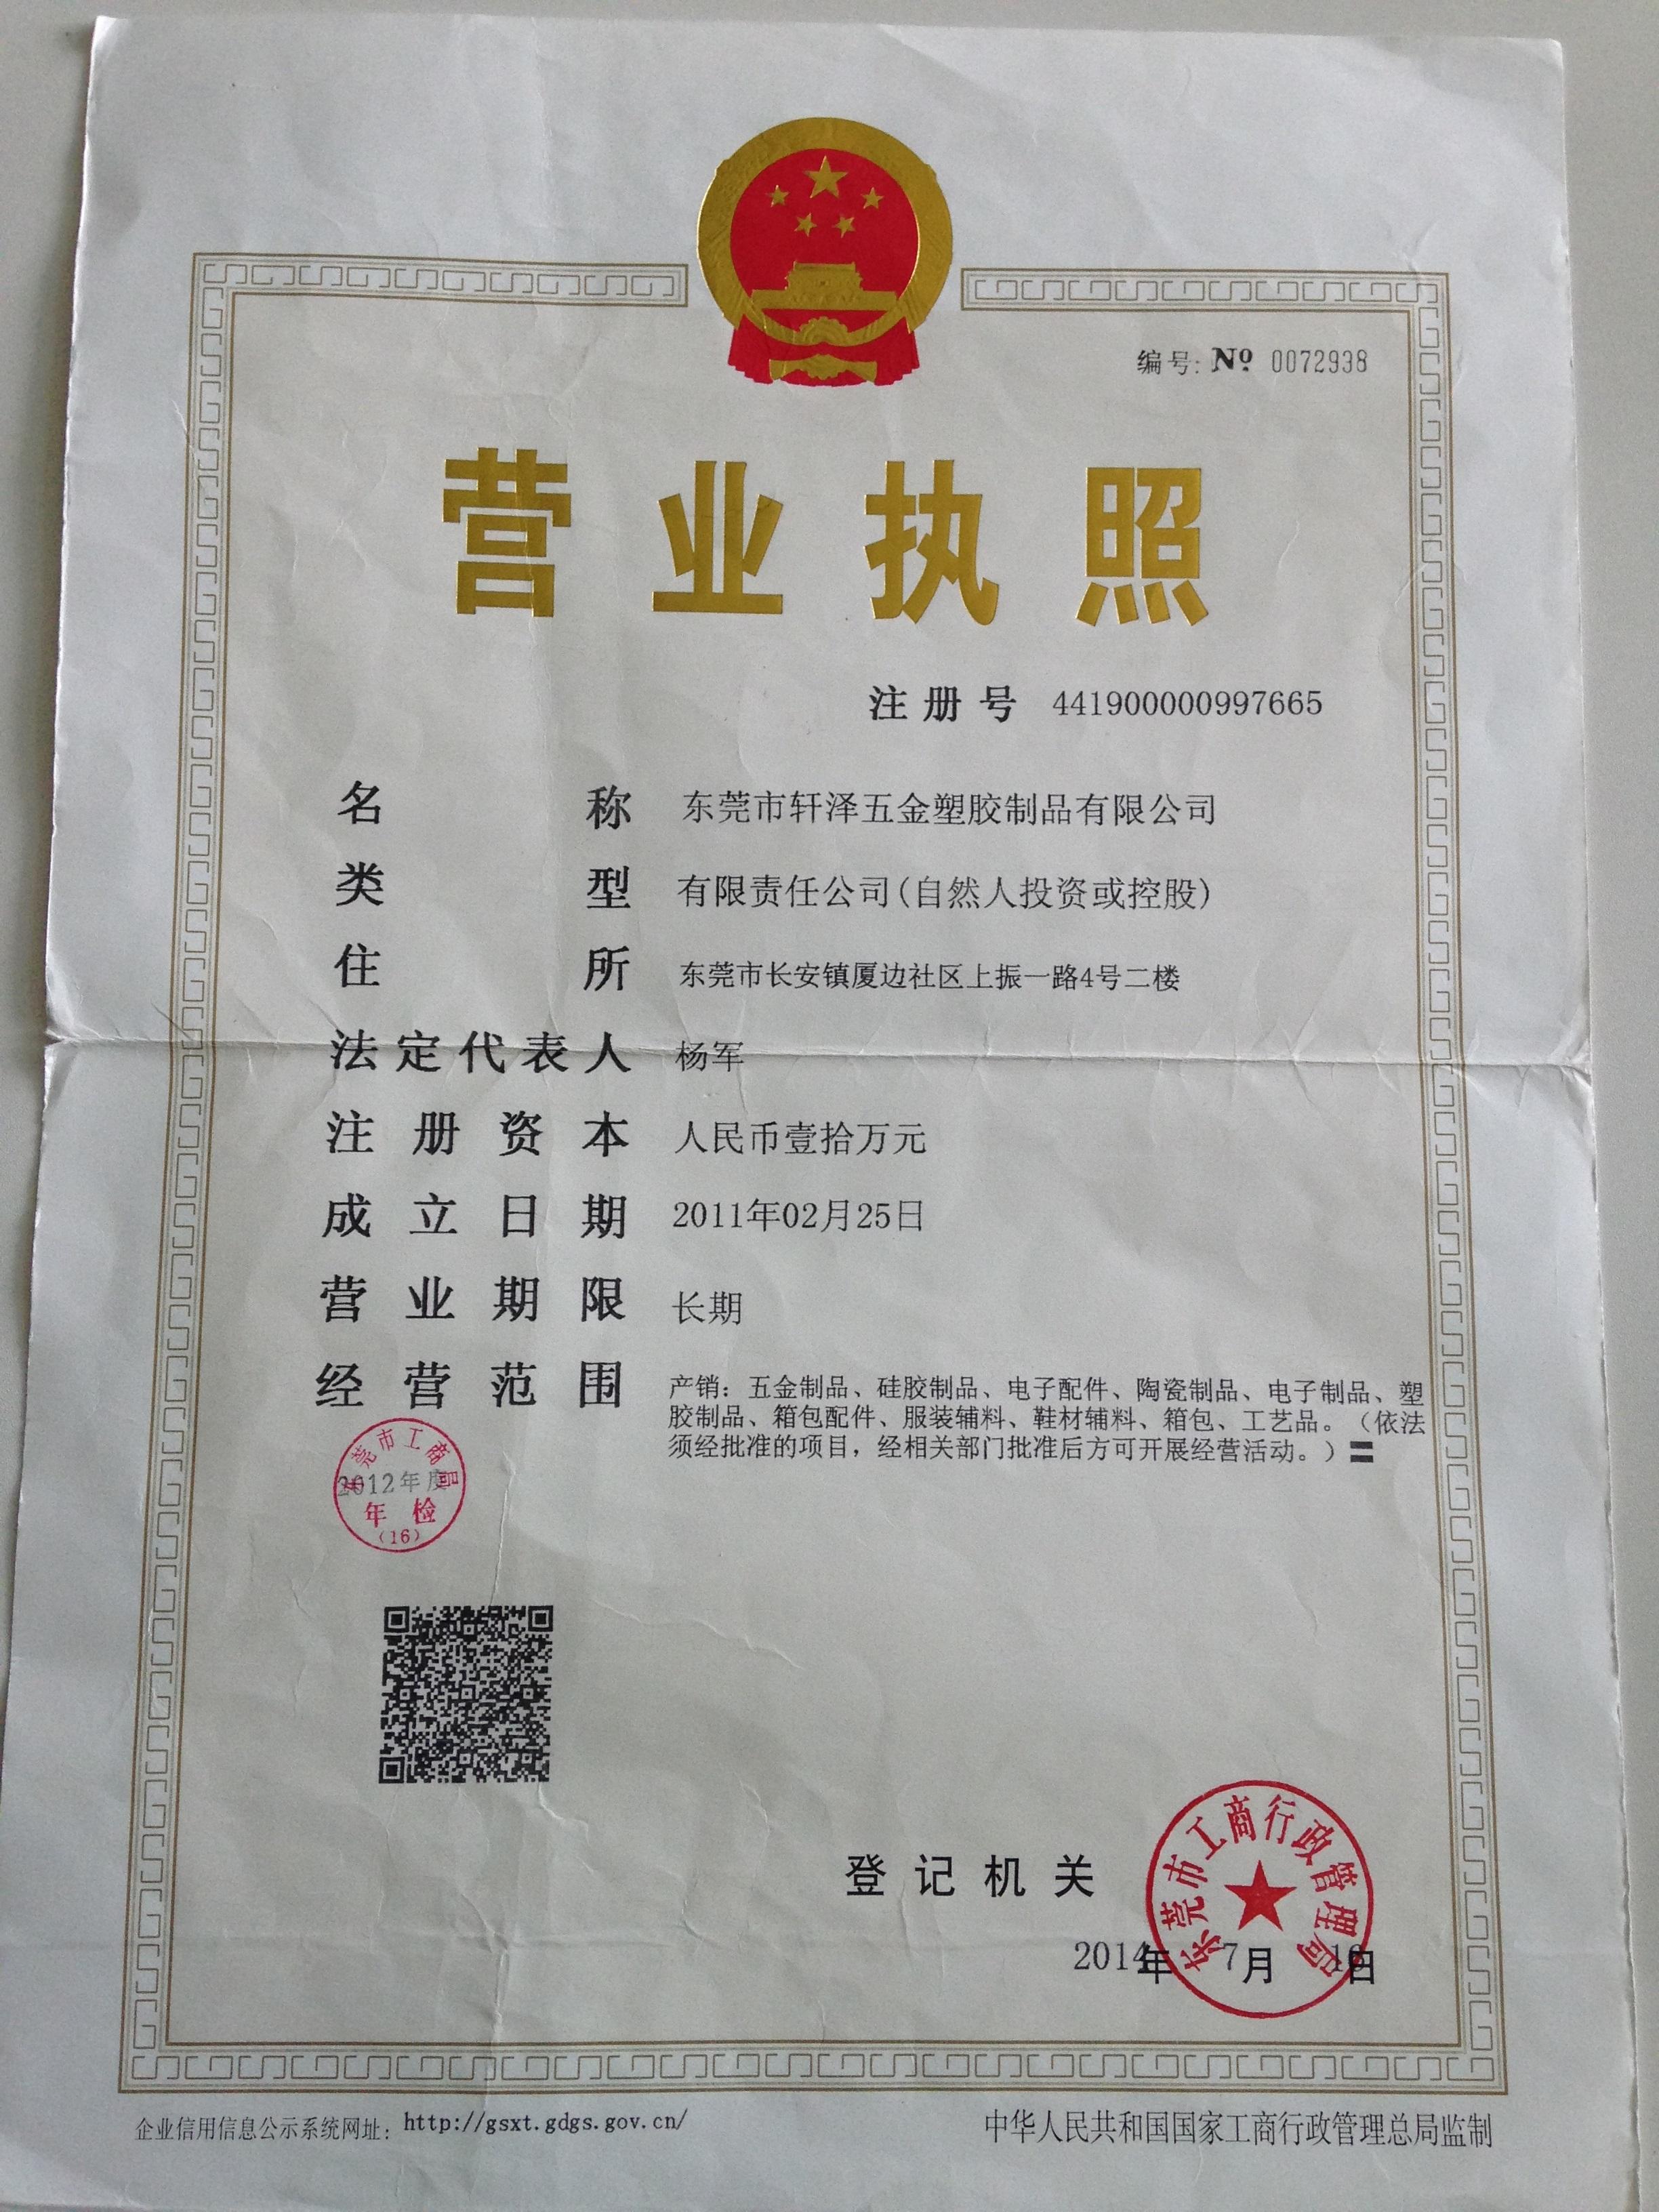 东莞市轩泽五金塑胶制品有限公司营业执照